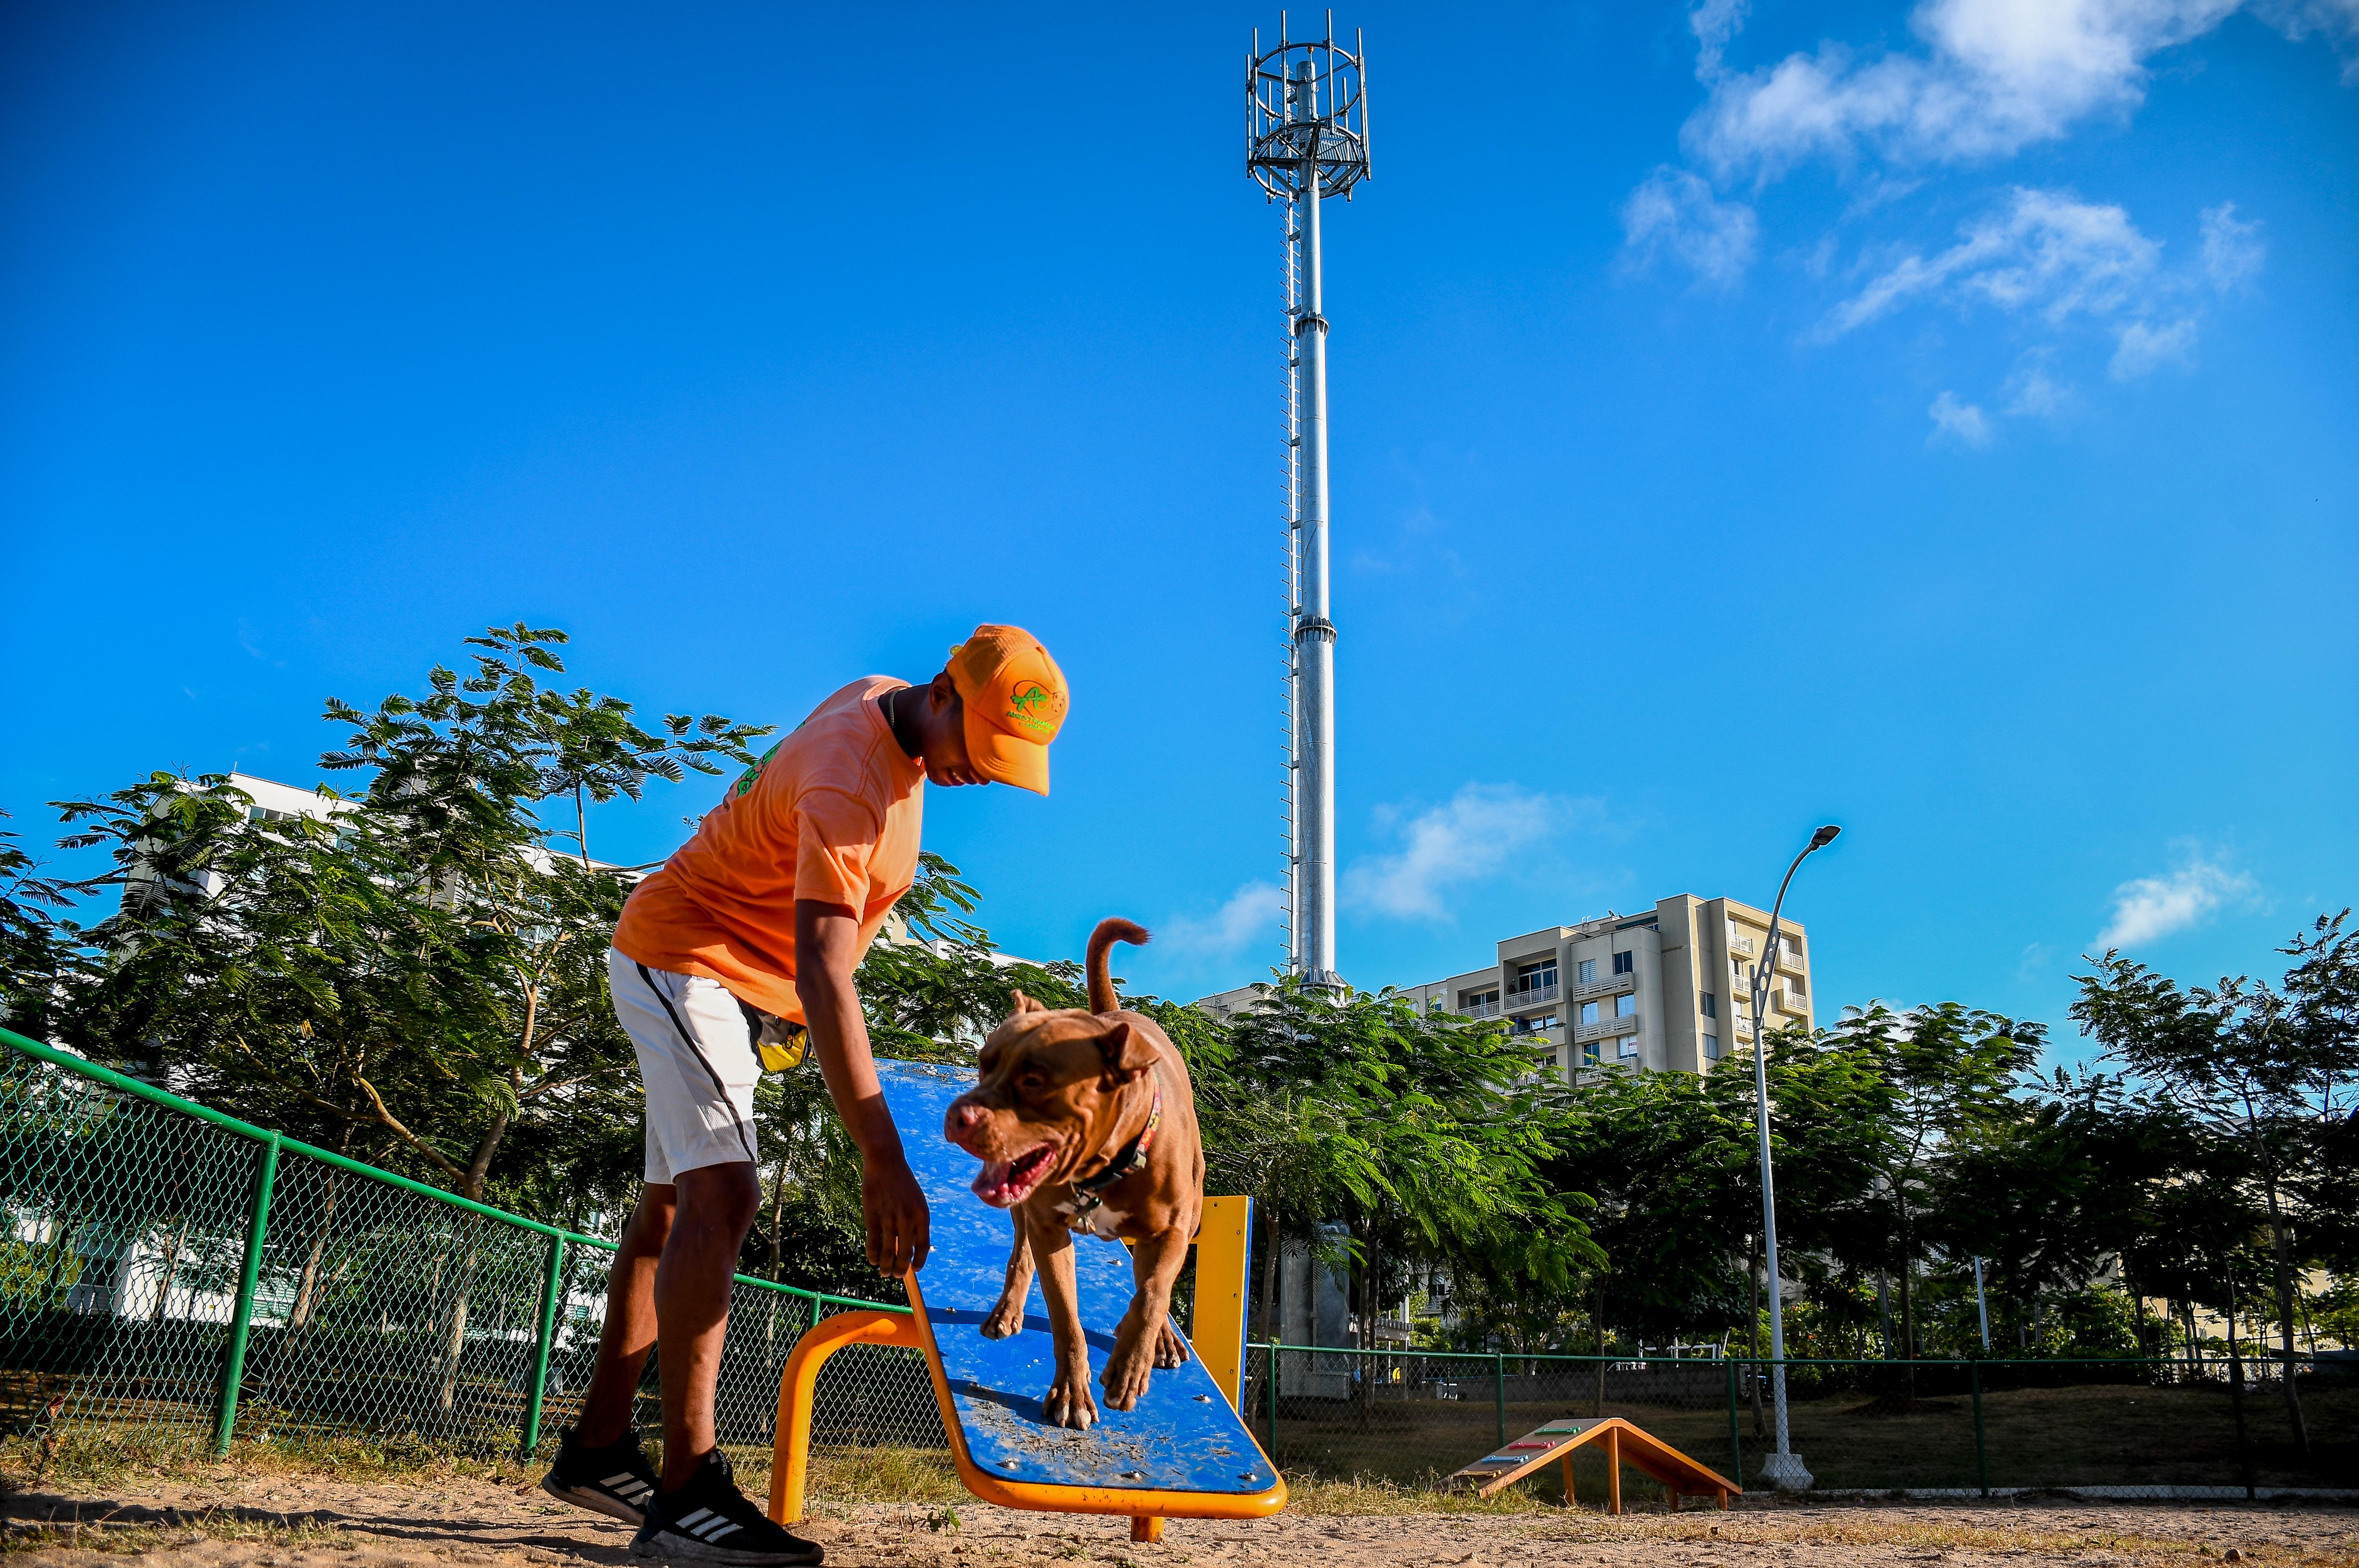 Antena instalada en un parque en el barrio Villa Carolina, en el norte de la ciudad.